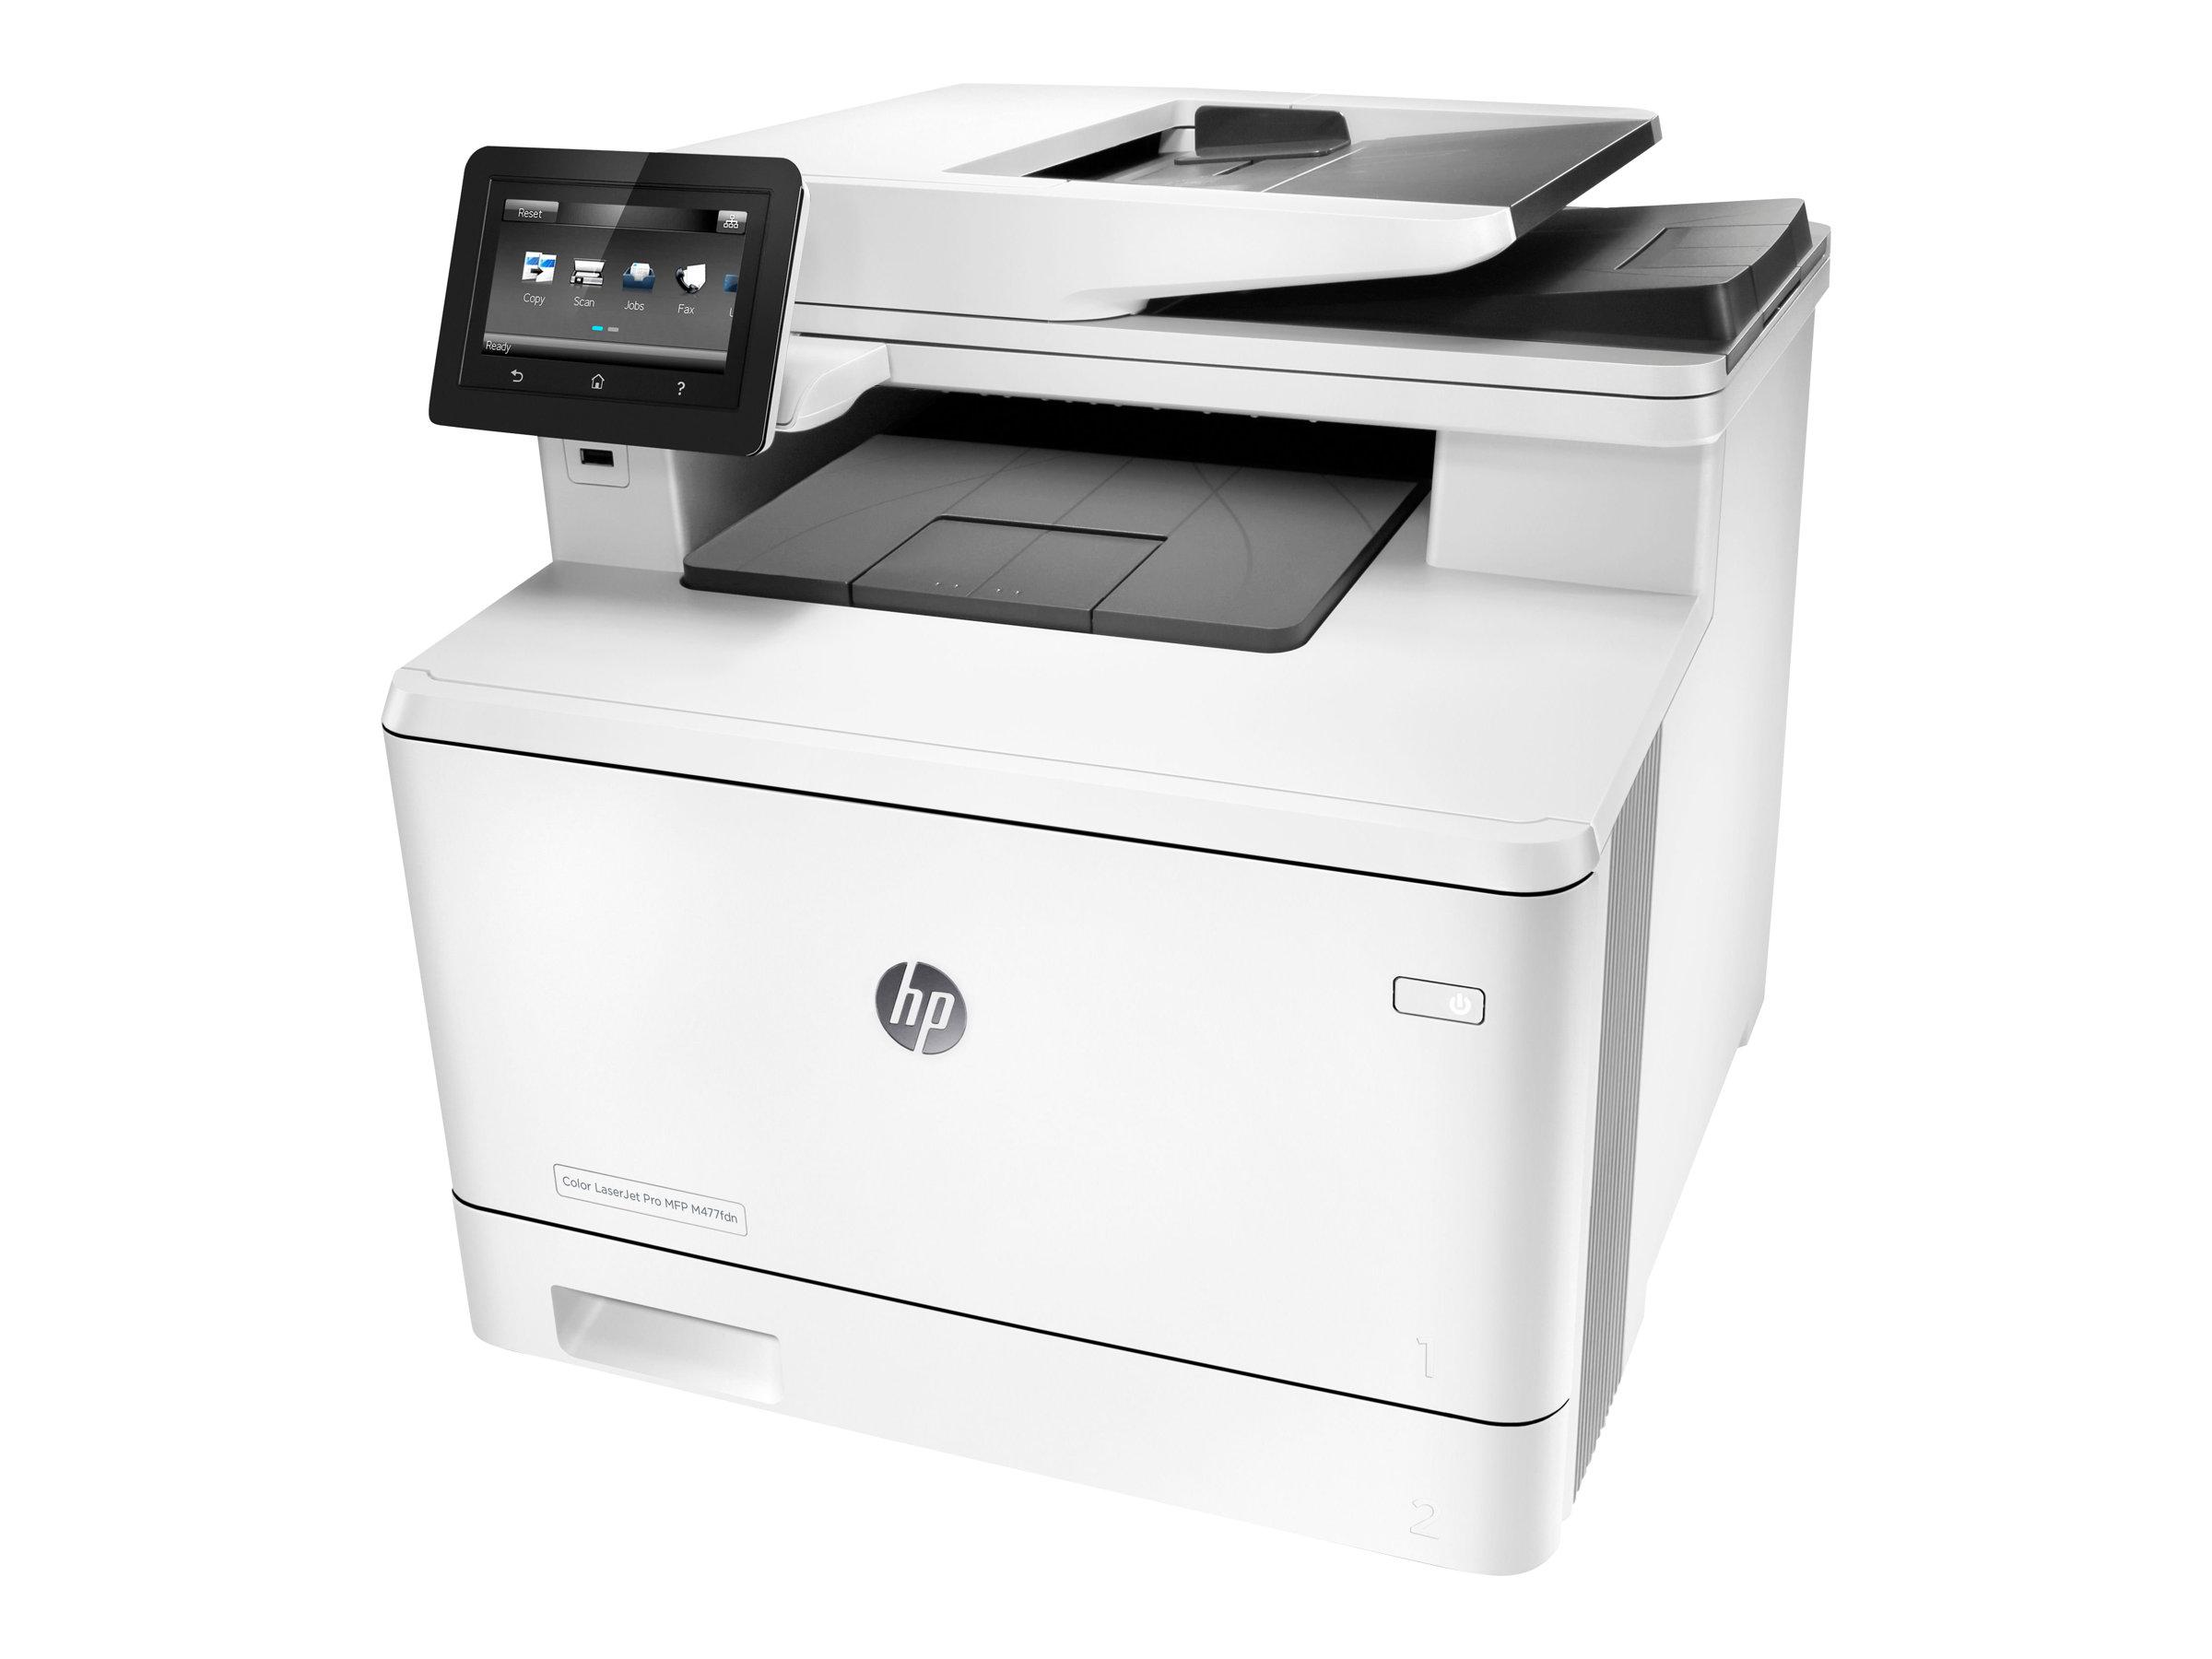 HP Color LaserJet Pro MFP M477fdn - Multifunktionsdrucker - Farbe - Laser - Legal (216 x 356 mm)